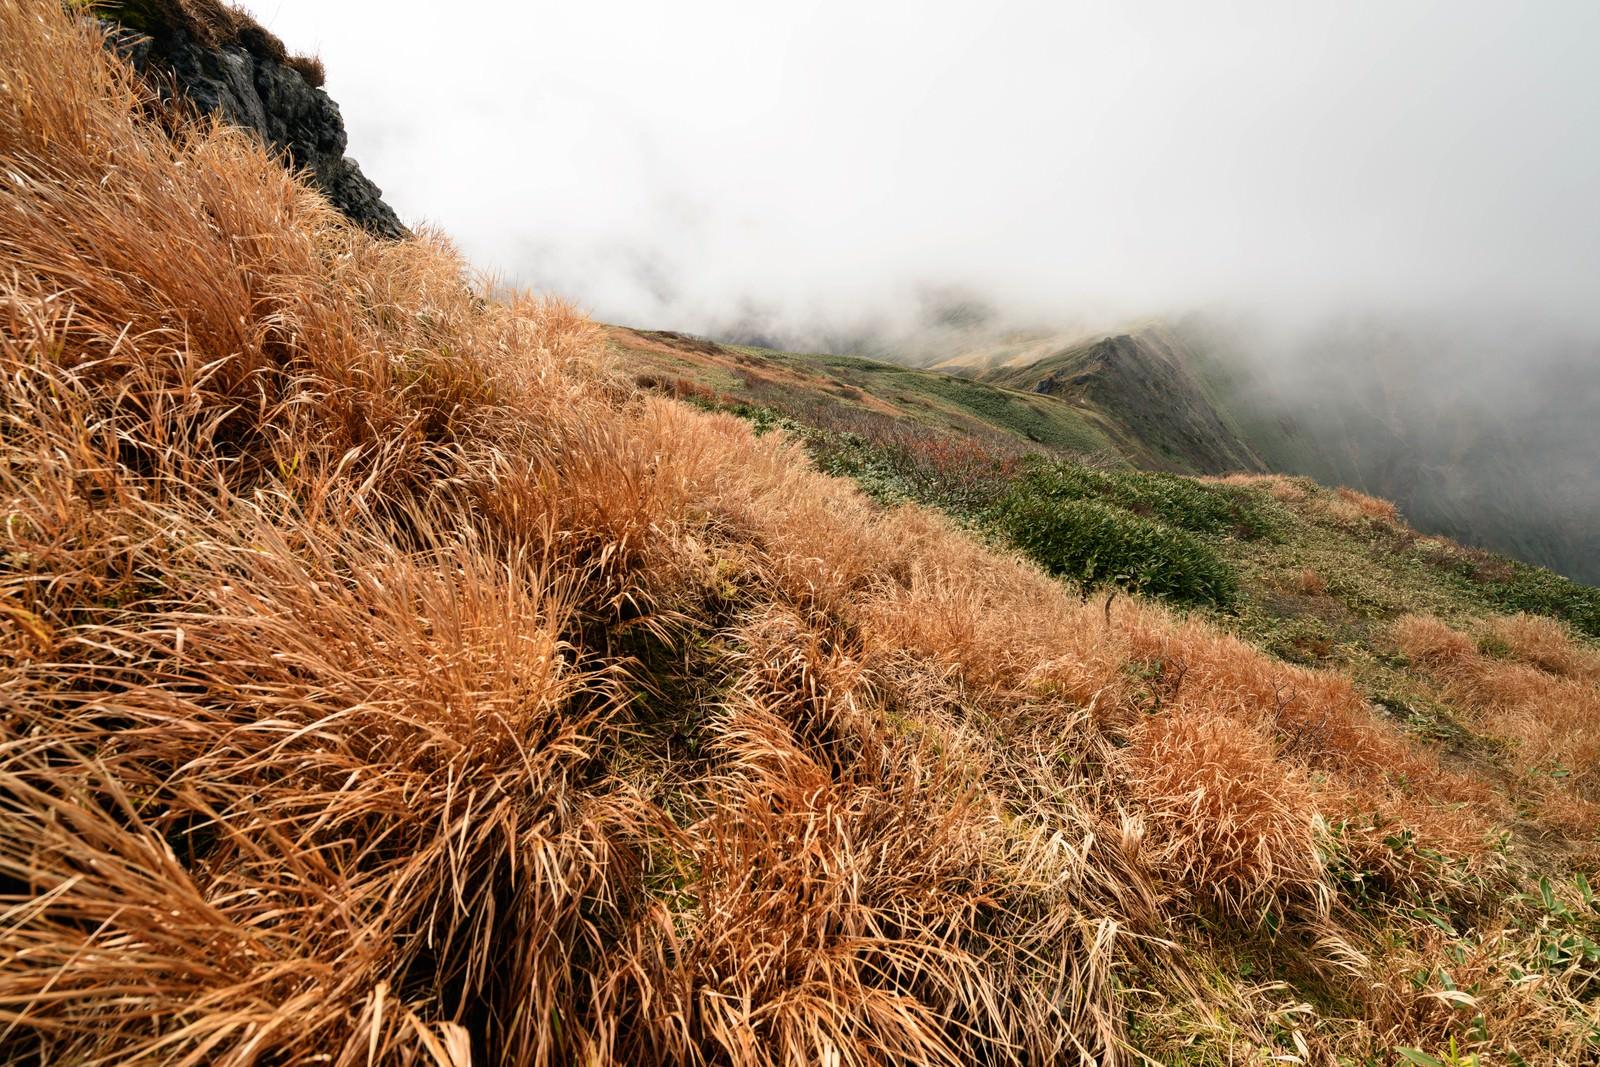 「色づく秋の谷川岳にある枯れ草」の写真